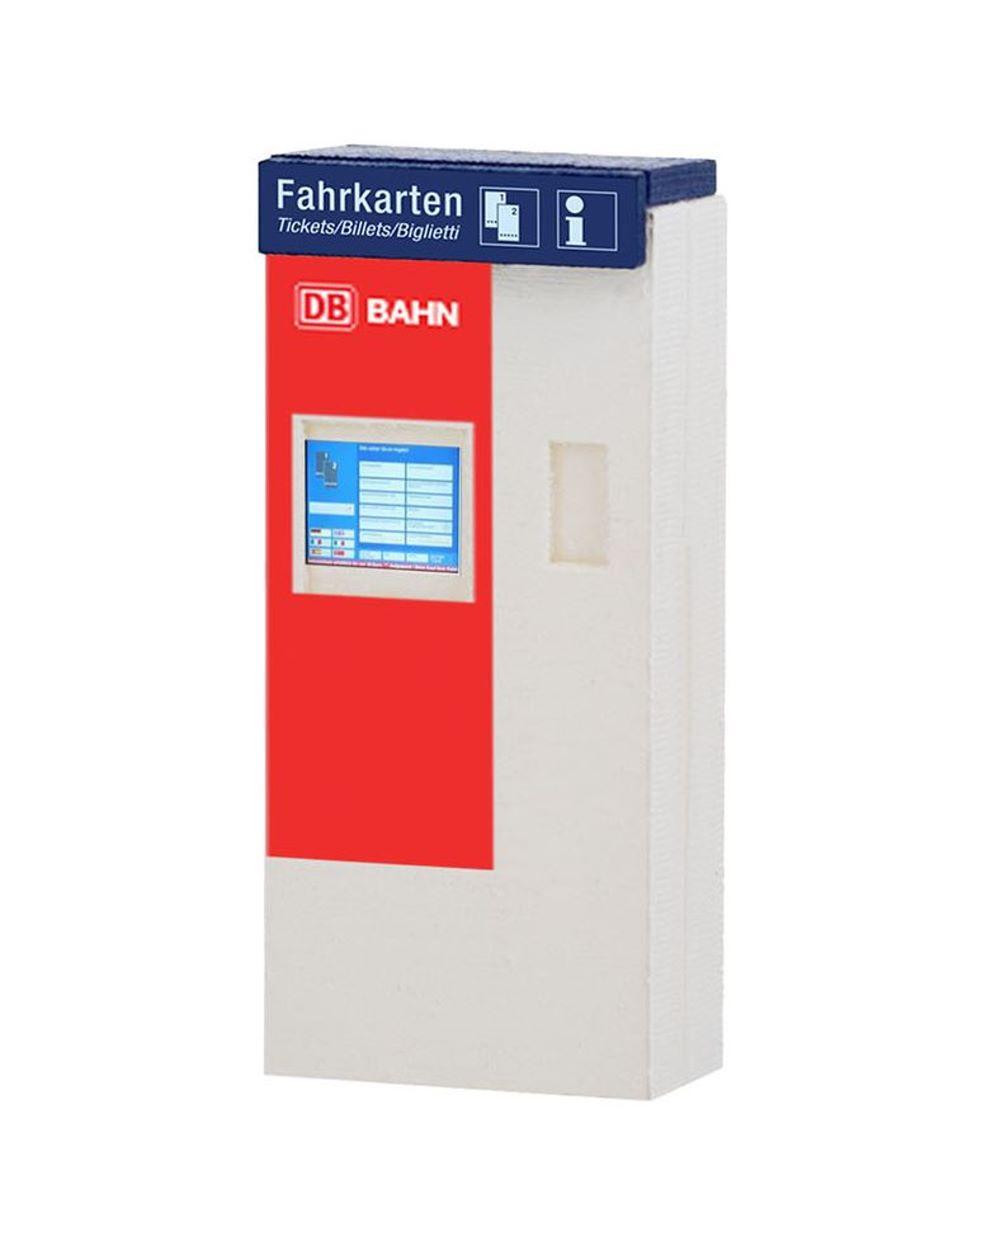 DB Fahrkartenautomat mit Beleuchtung